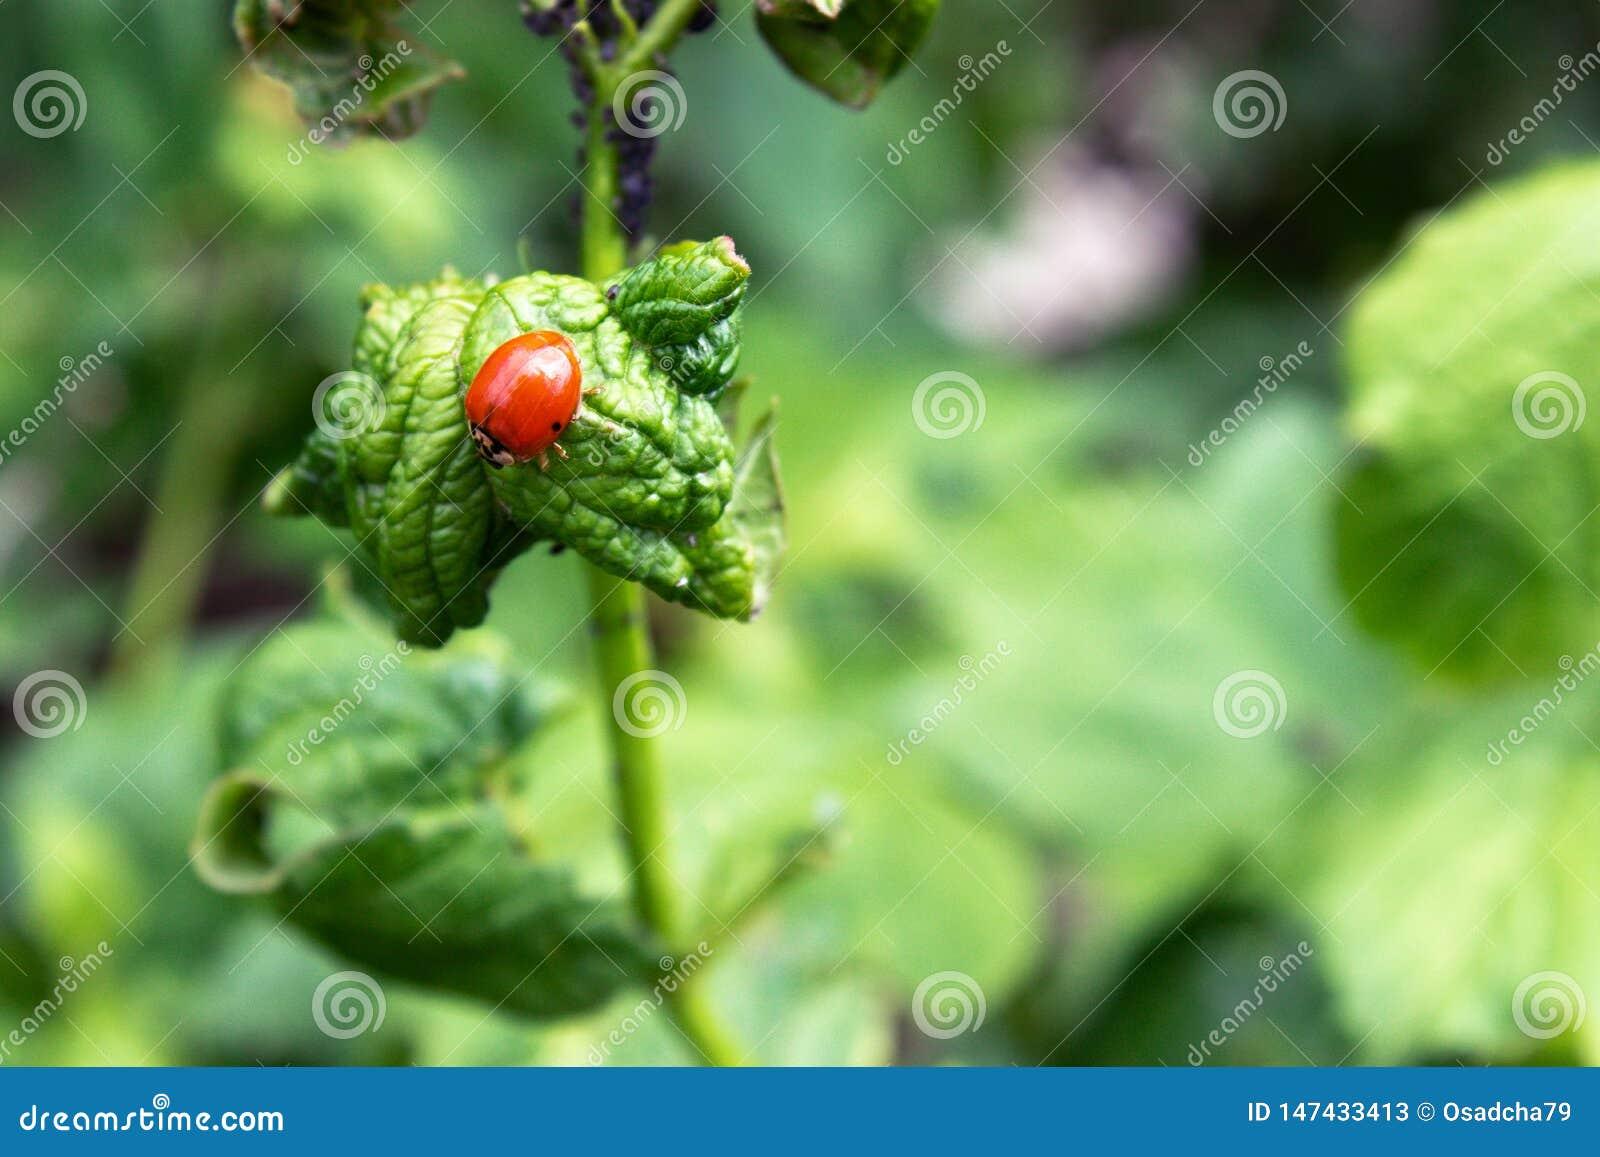 Escarabajos, par?sitos en ramas verdes Una rama del viburnum con las hojas y escarabajos que comen las hojas